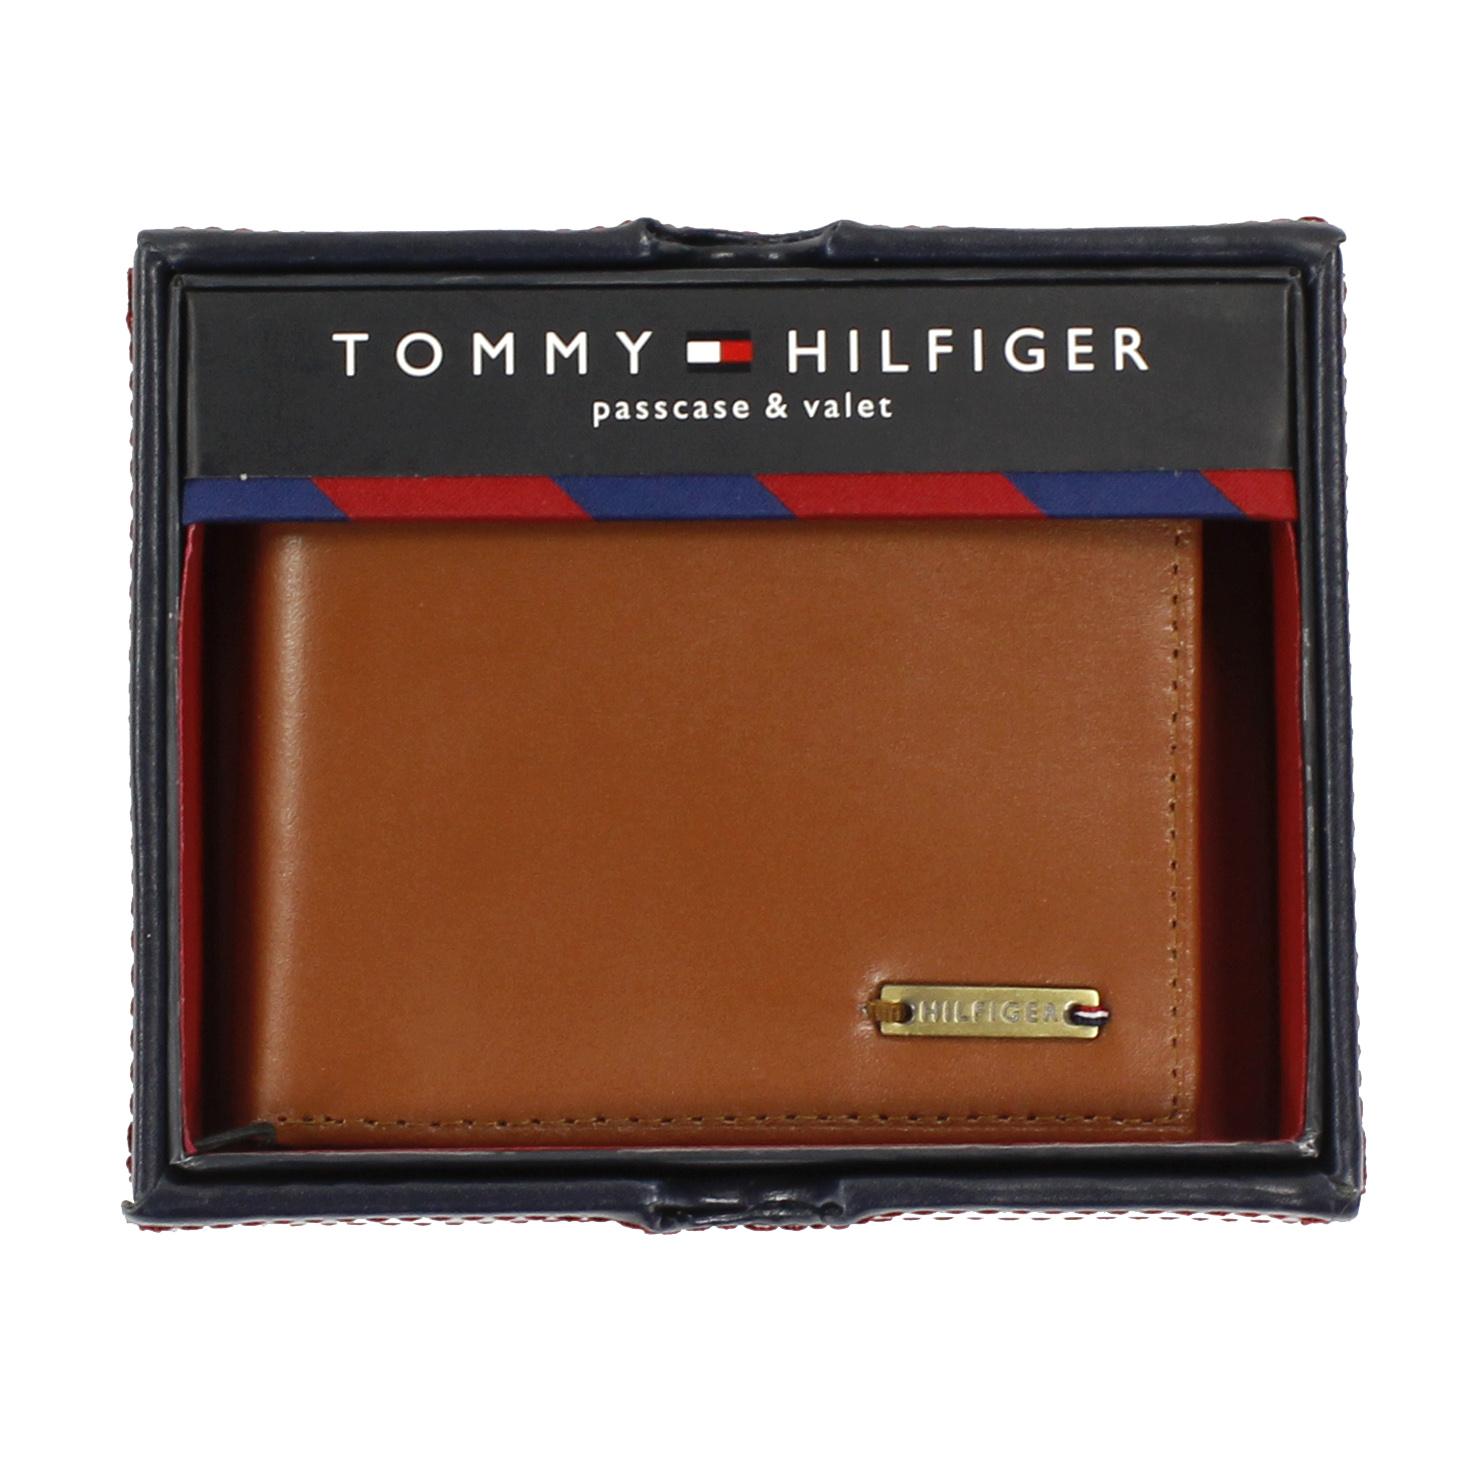 美國百分百【全新真品】Tommy Hilfiger 皮夾 TH 男生 錢包 皮包 短夾 禮盒 鈔票夾 黃褐色 E377